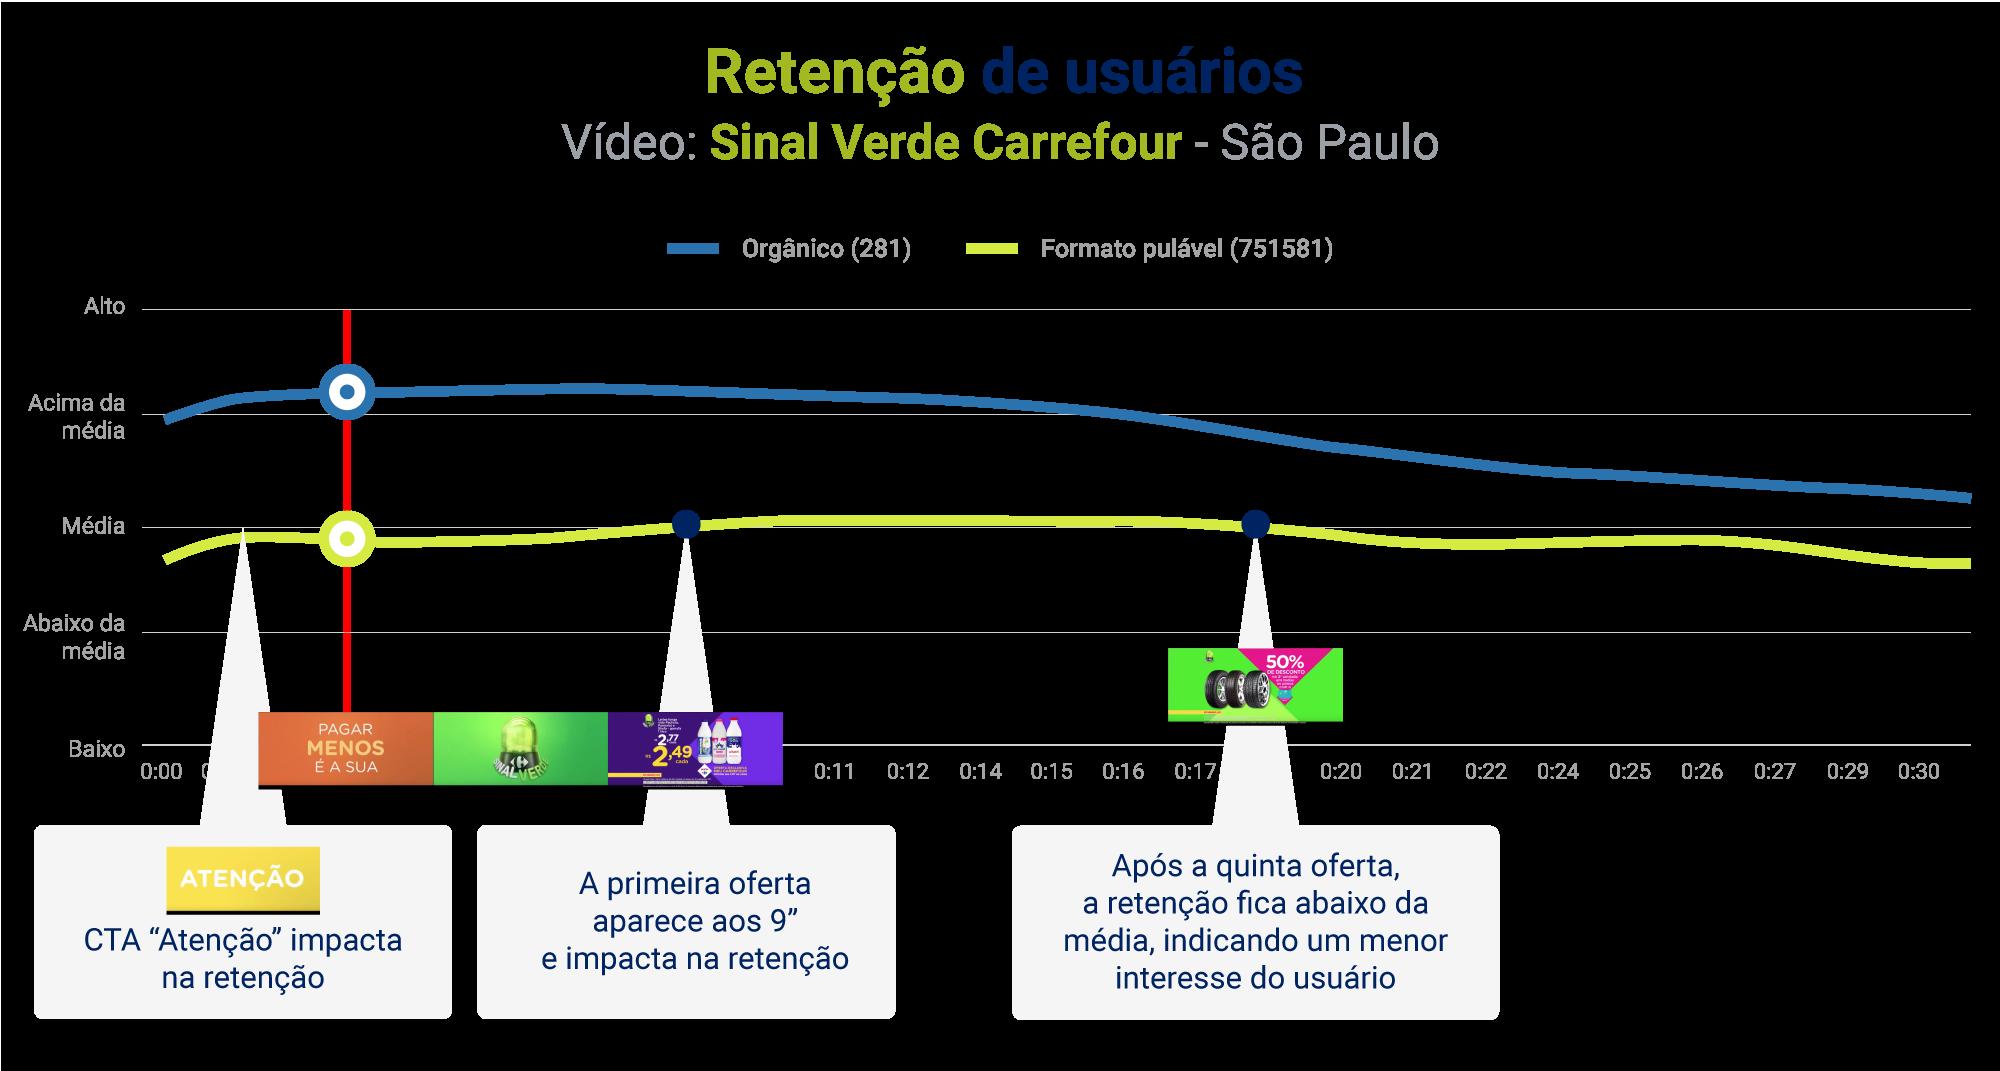 Como manter a liderança e reduzir custos? Conheça a parceria entre o Carrefour e o YouTube